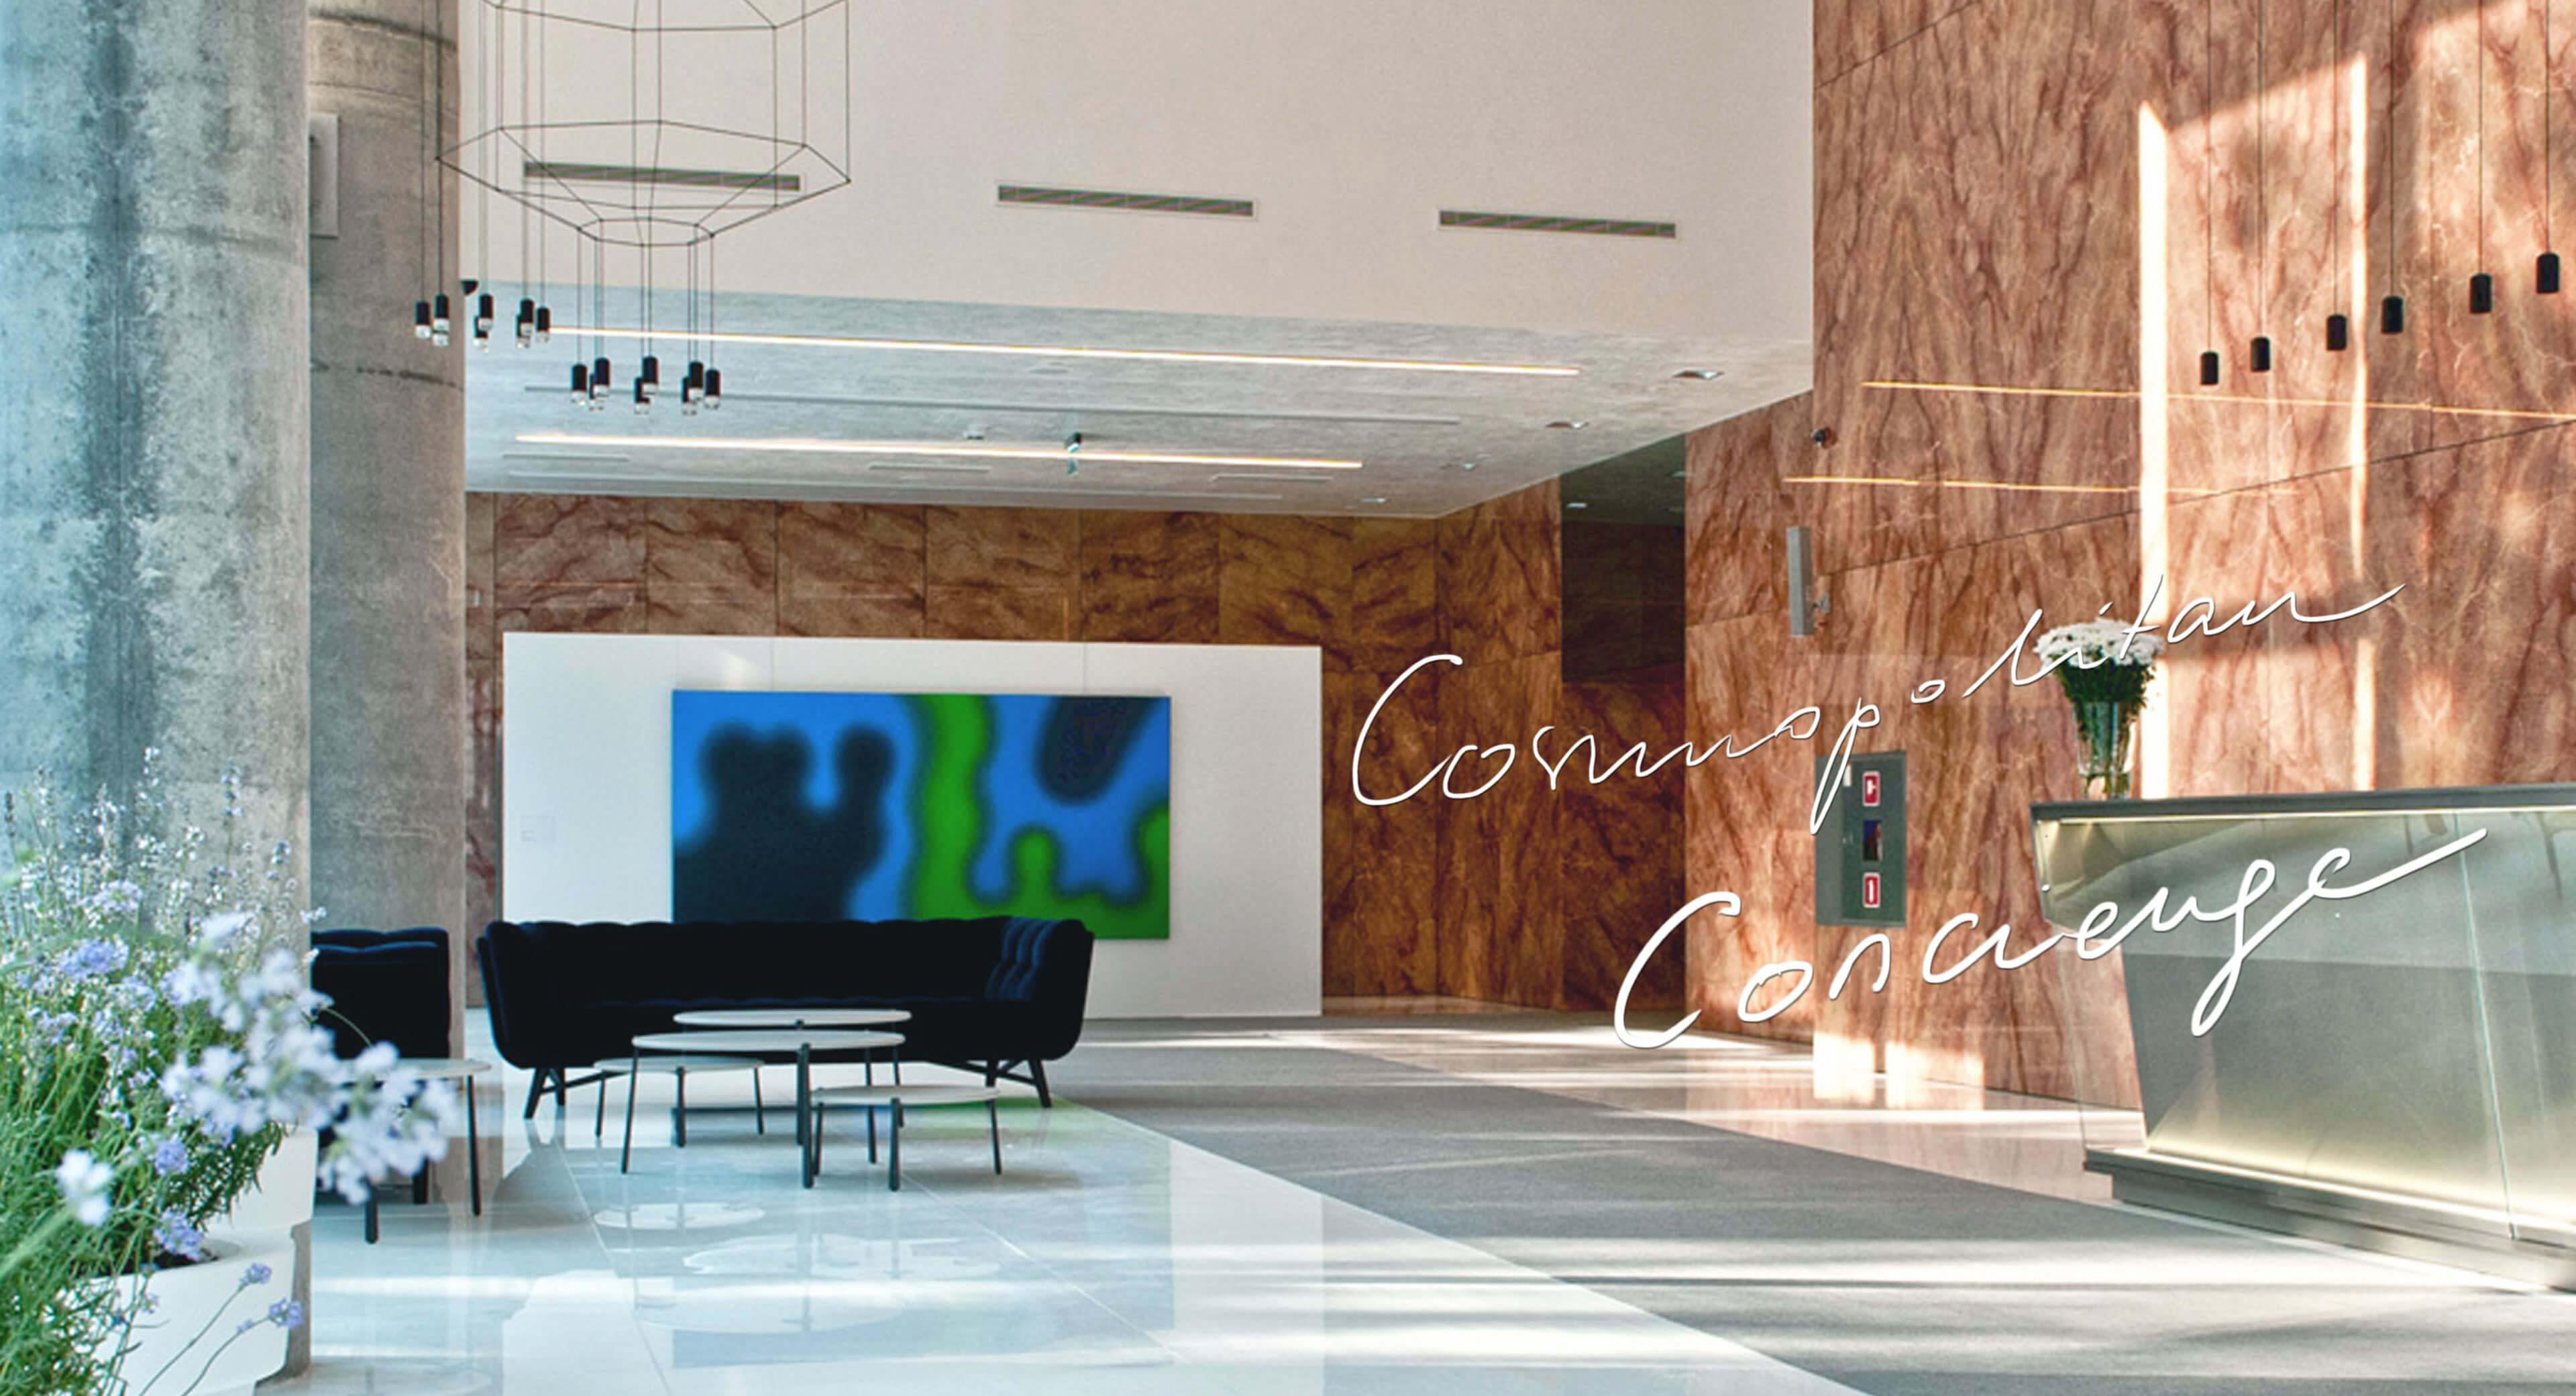 Cosmopolitan Concierge